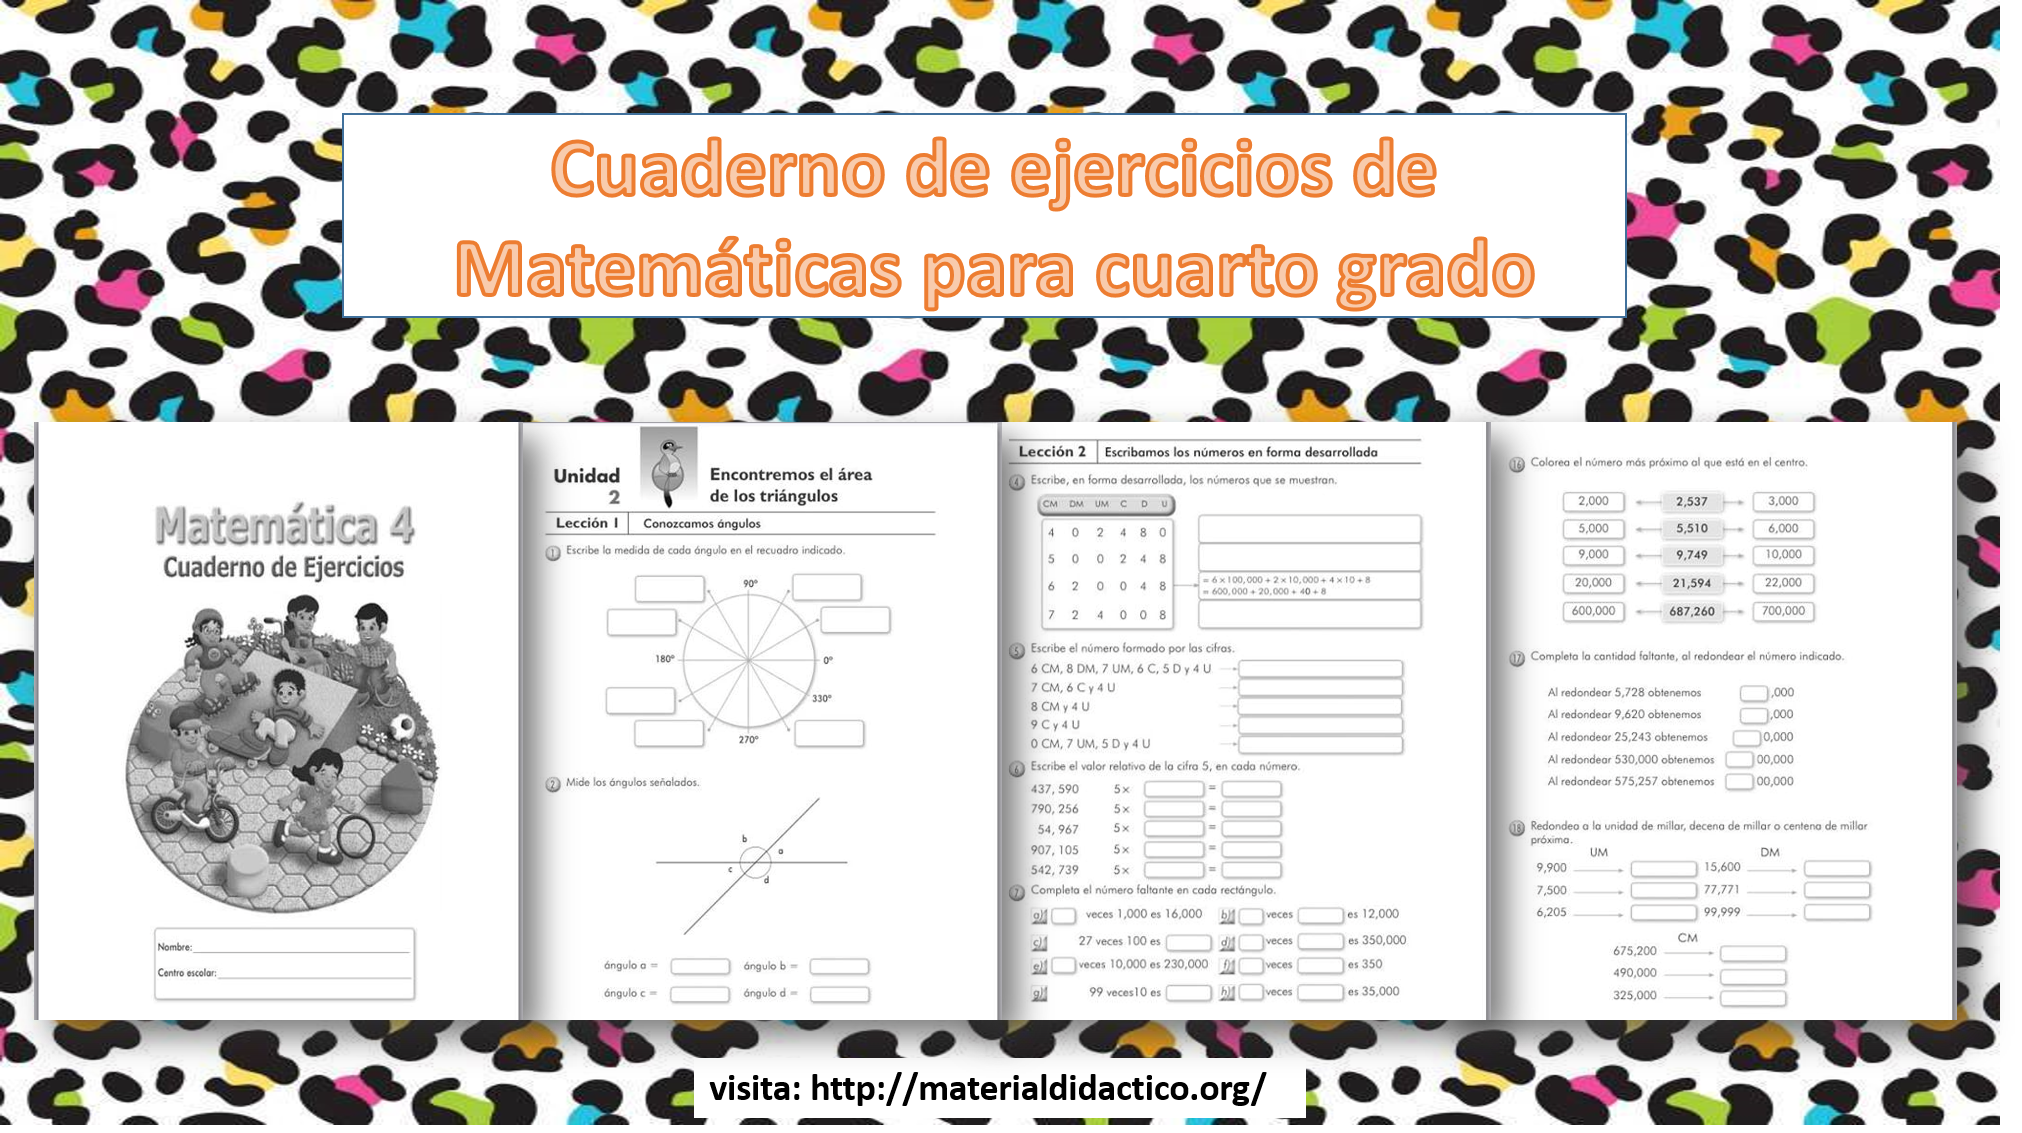 Cuaderno de ejercicios de Matemáticas para cuarto grado ...